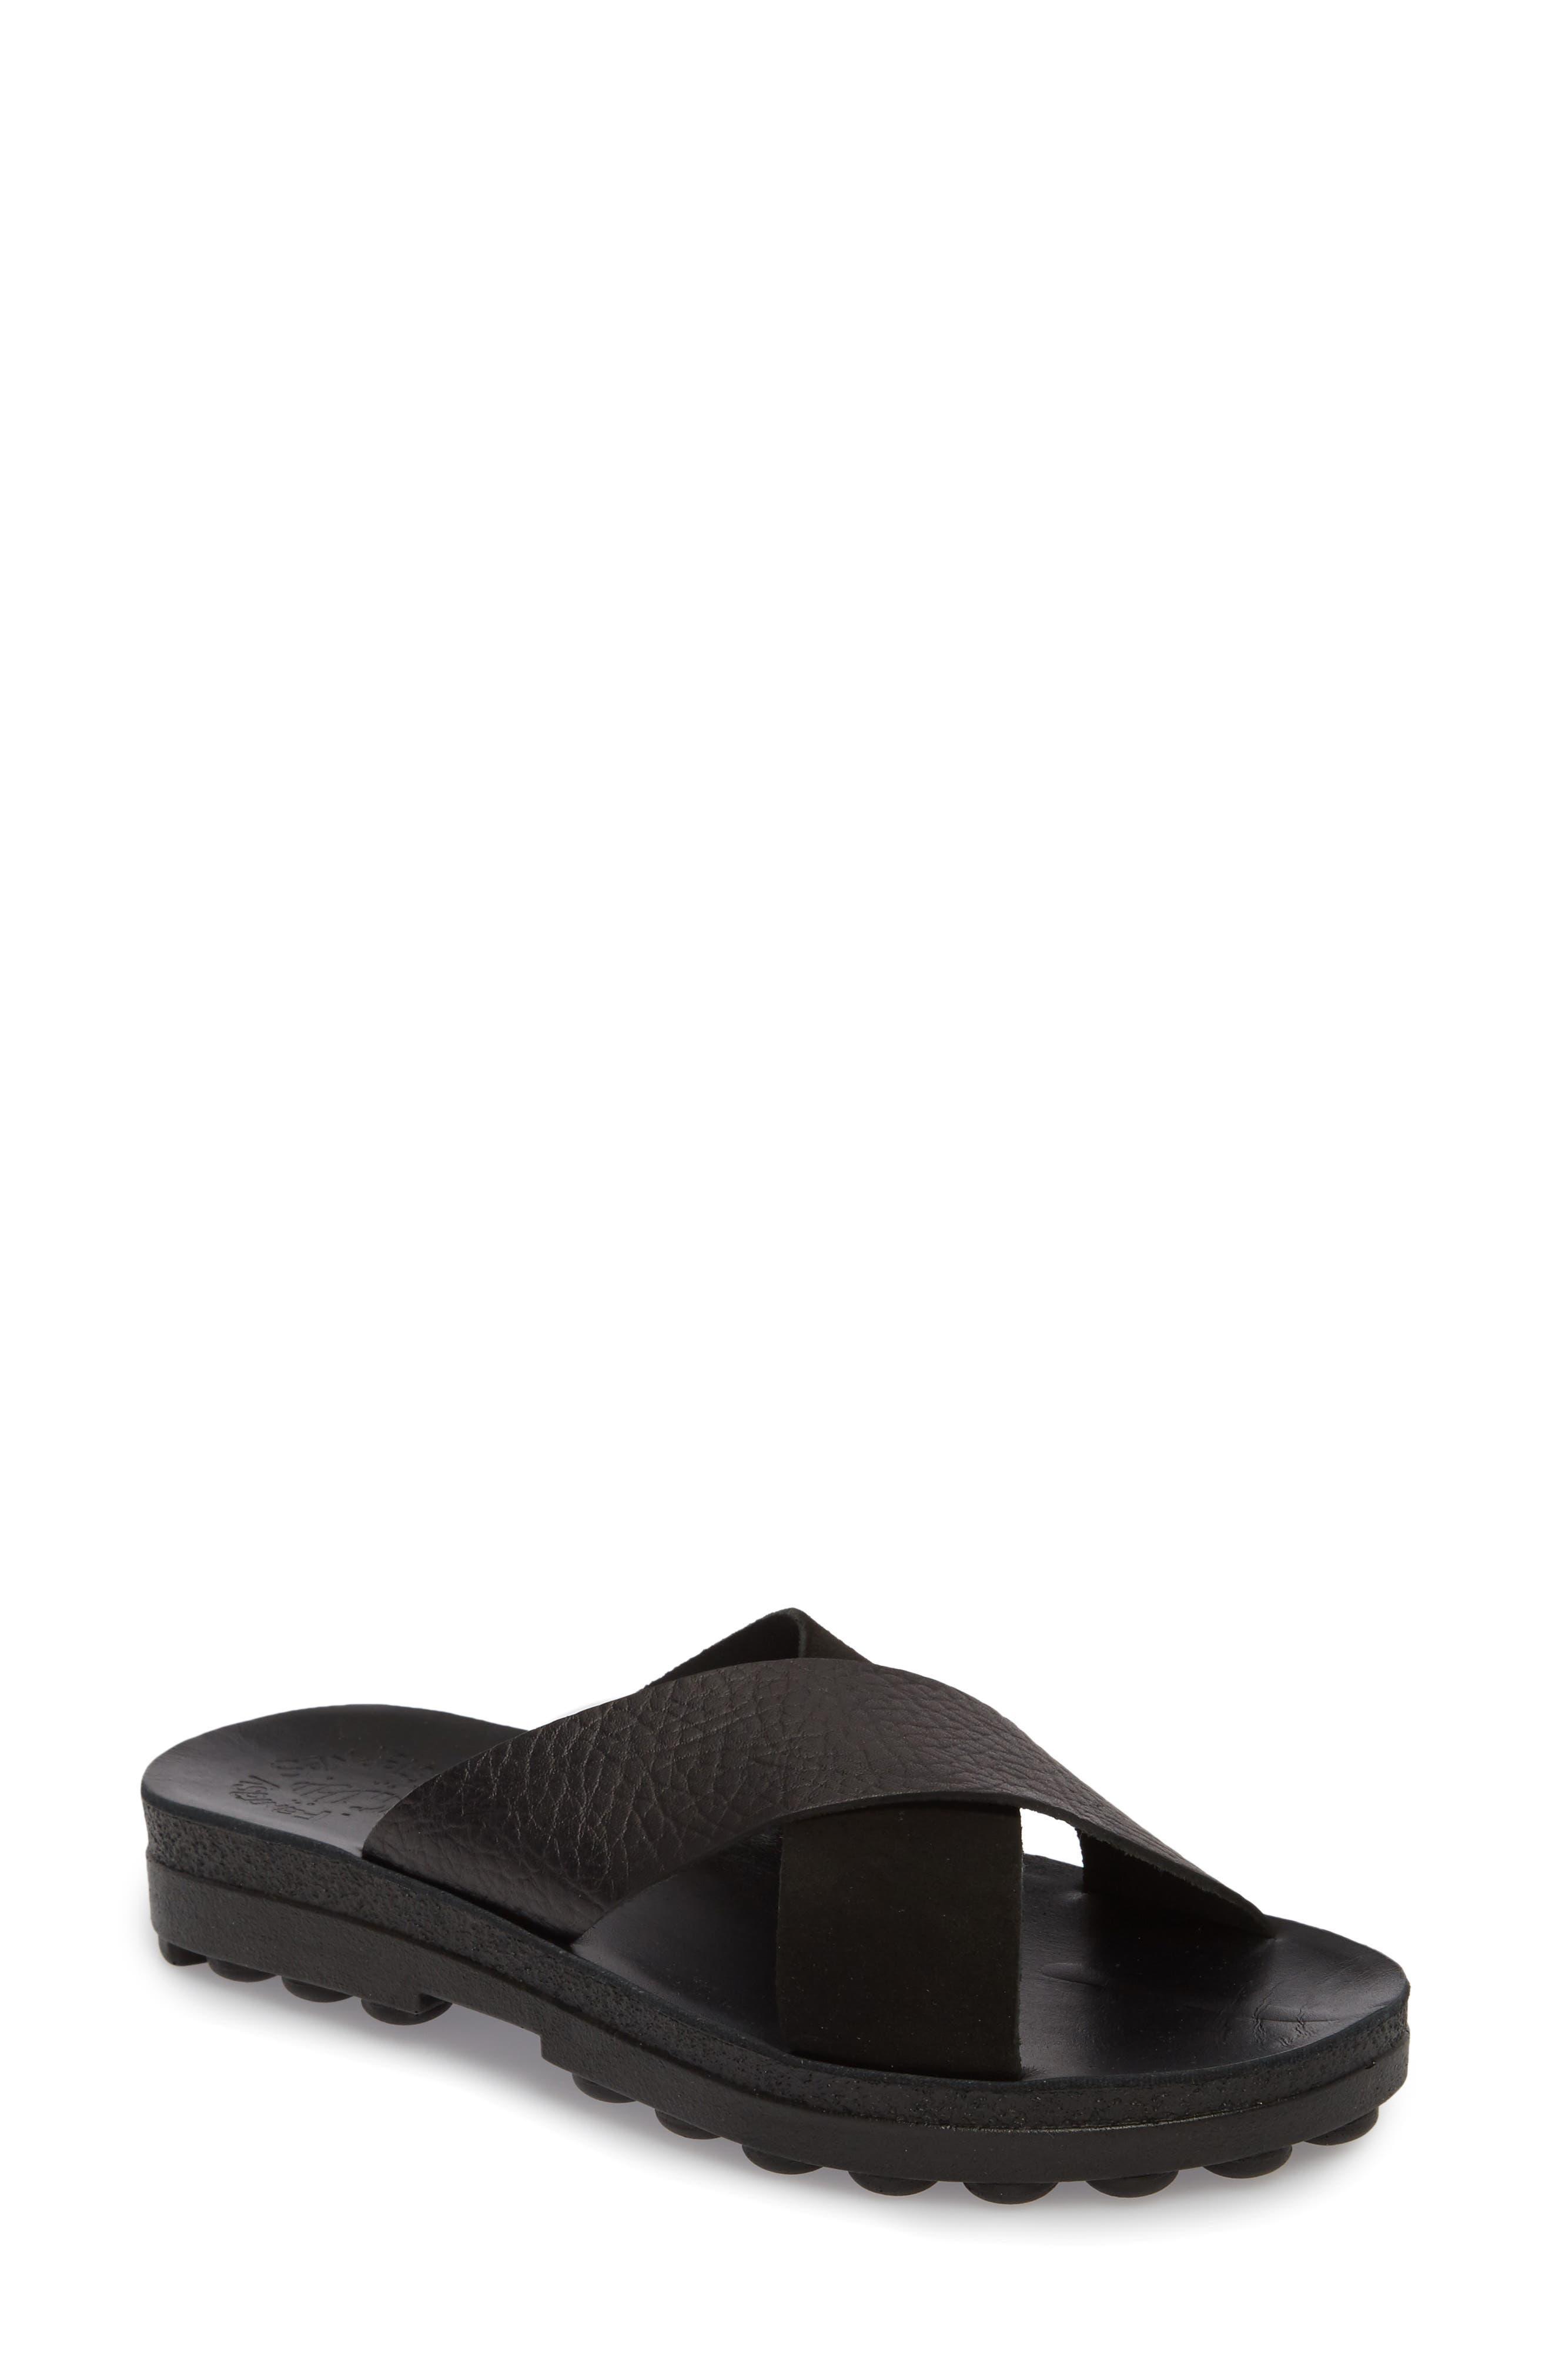 Charis Slide Sandal,                             Main thumbnail 1, color,                             BLACK DOLARO LEATHER